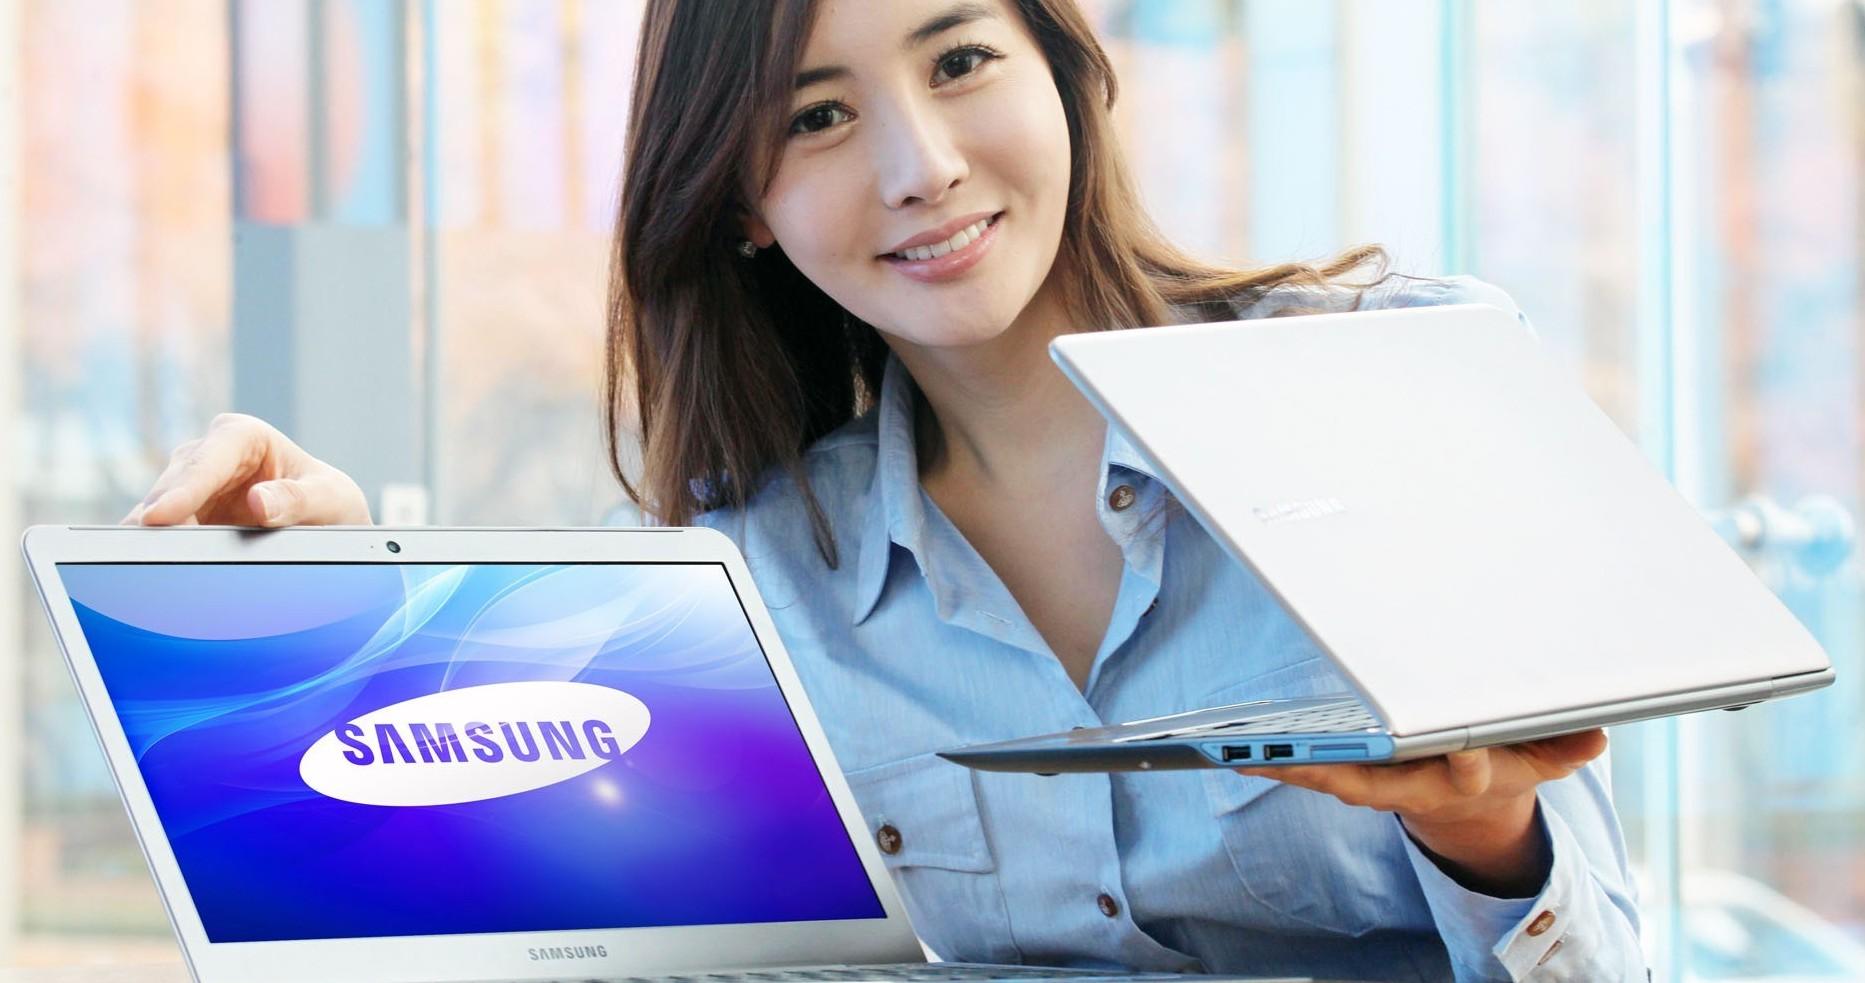 Samsung chodzi z głową w chmurach… i to w dwóch